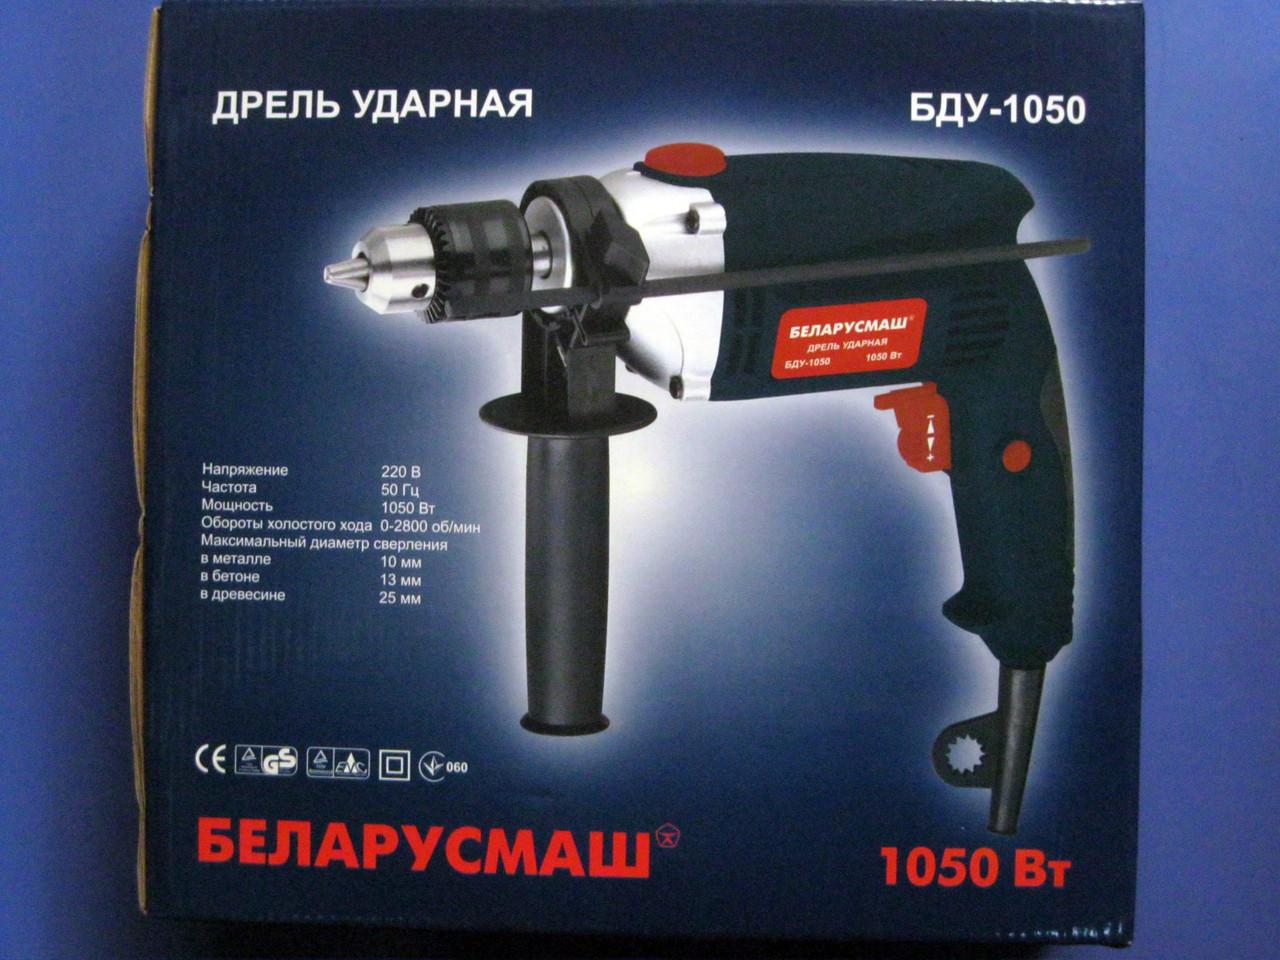 Дрель Беларусмаш БДУ-1050